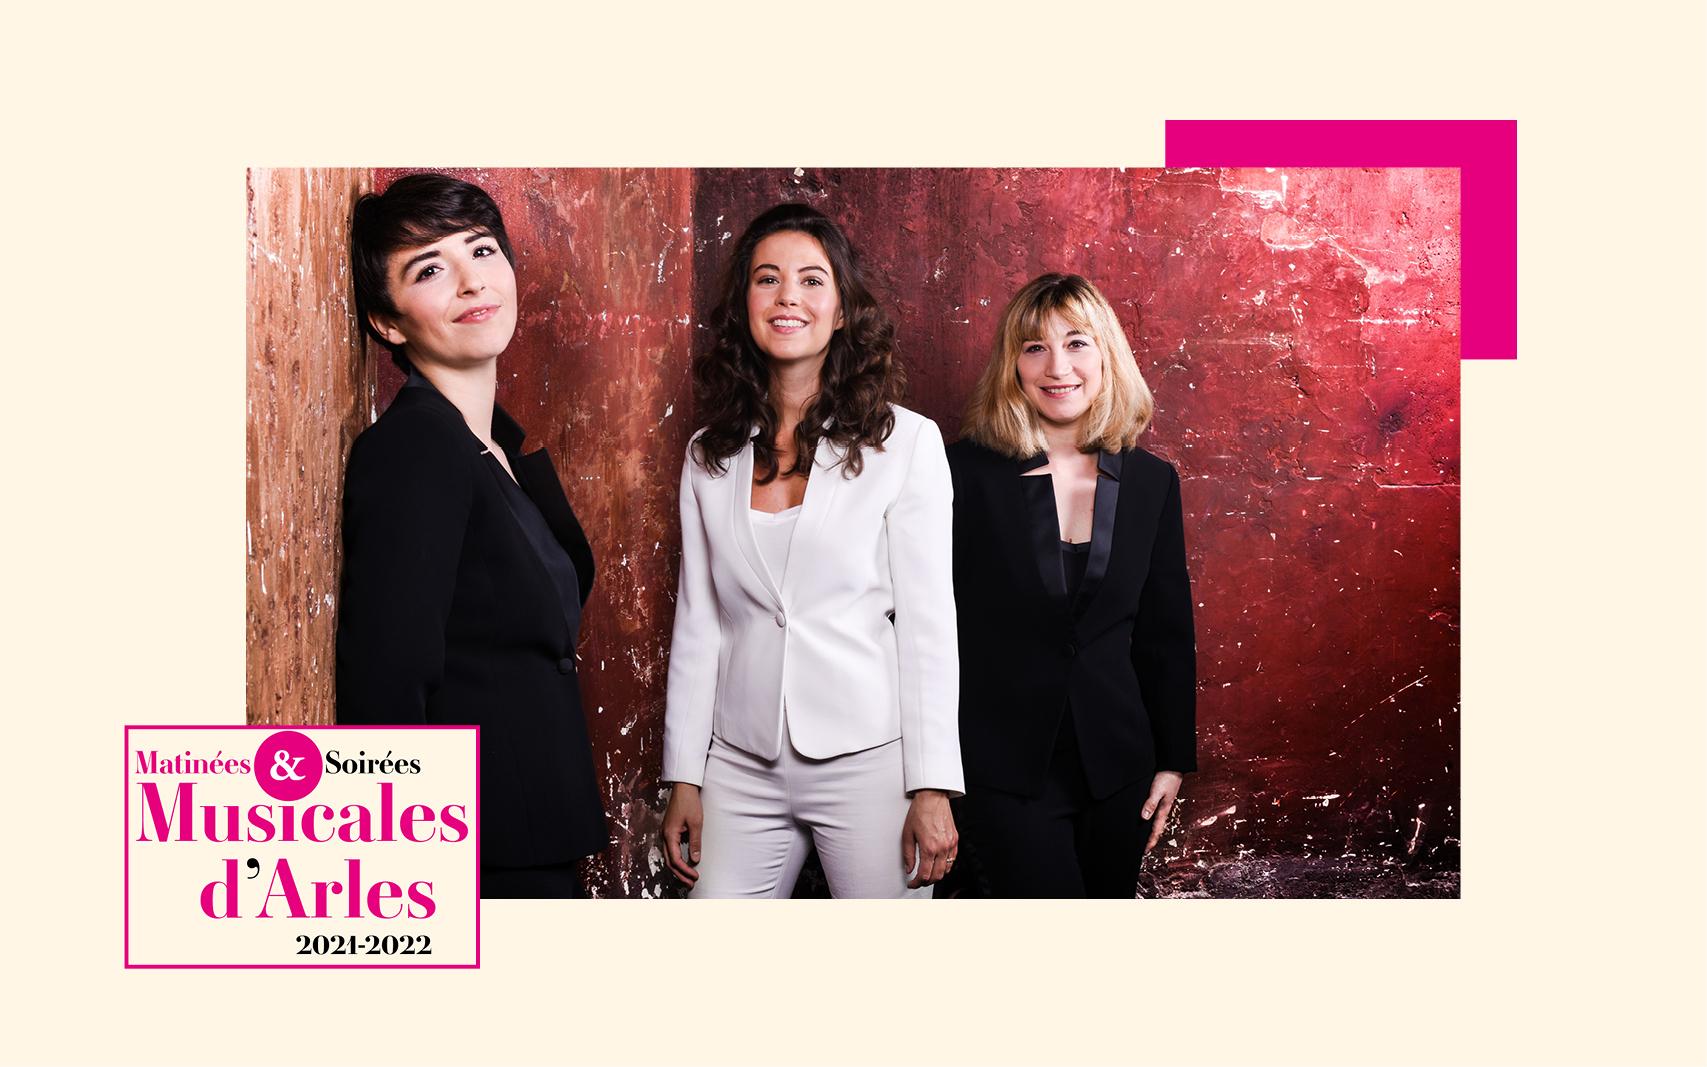 Trois pionnières des siècles passés face à trois compositrices contemporaines, dans l'interprétation du trio de femmes le plus engagé de sa génération : quel programme pour cette soirée 100% féminine!